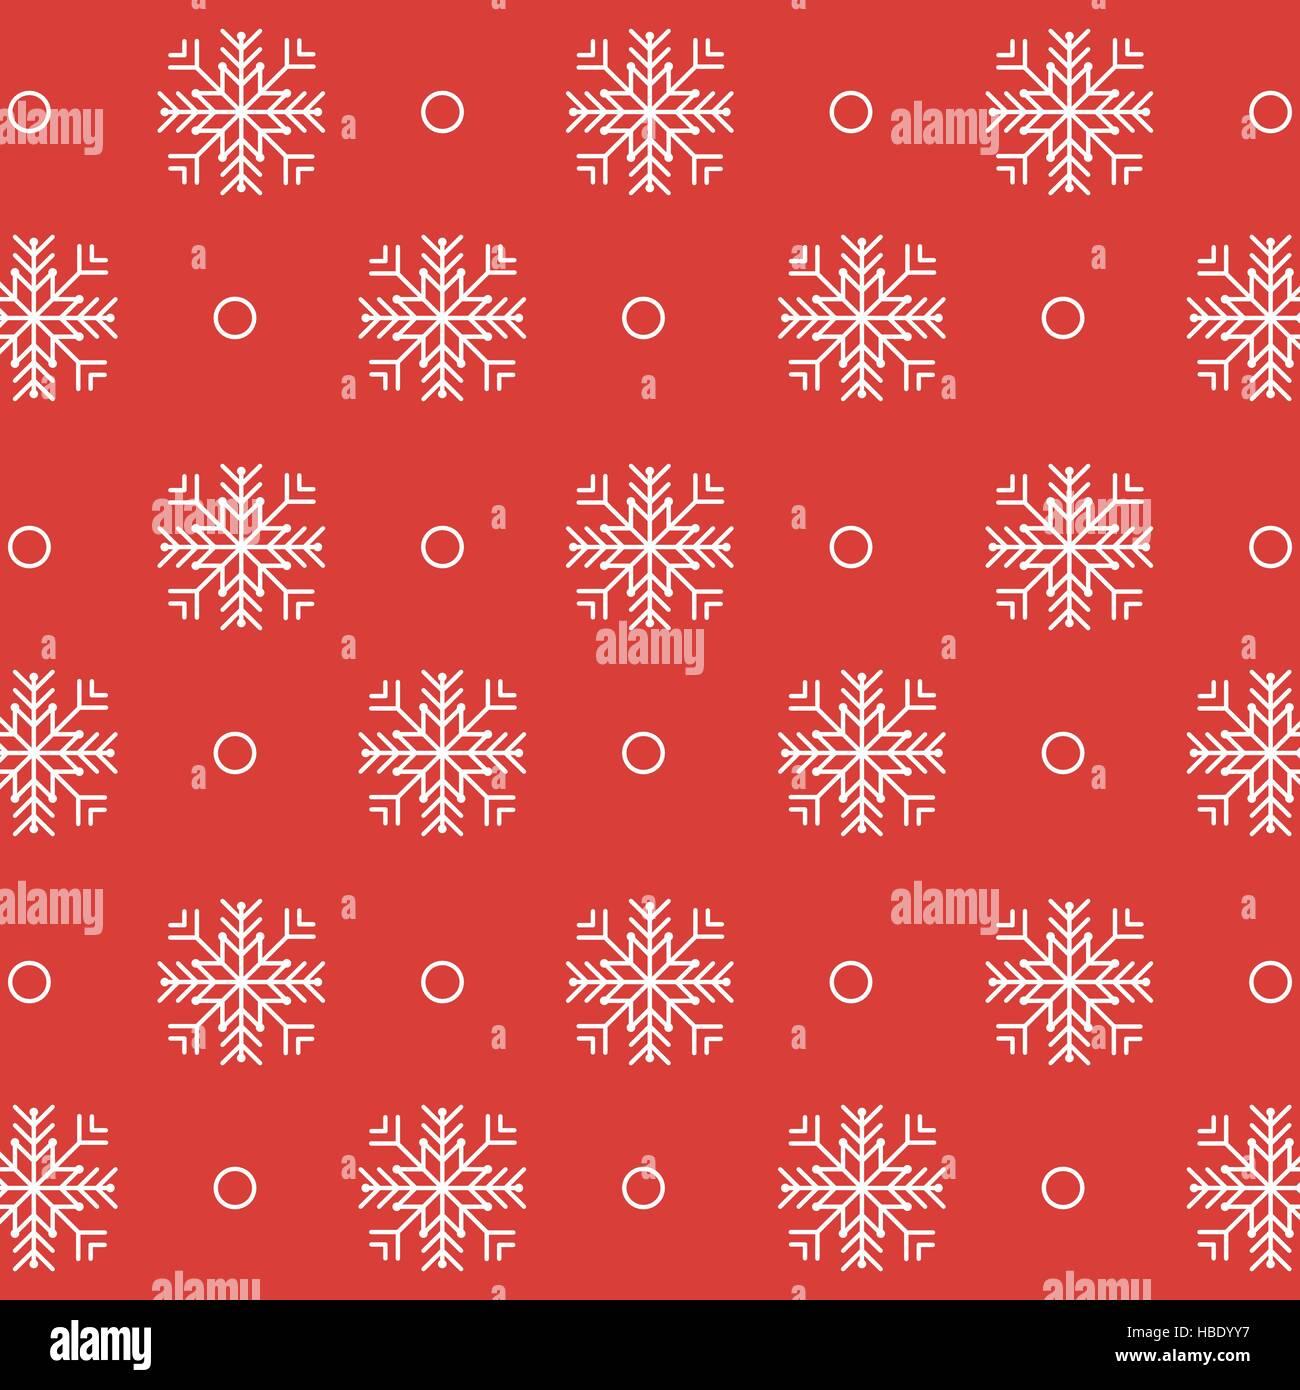 Schneeflocken Weihnachten Geschenk Muster. Flaches Design-Vektor ...